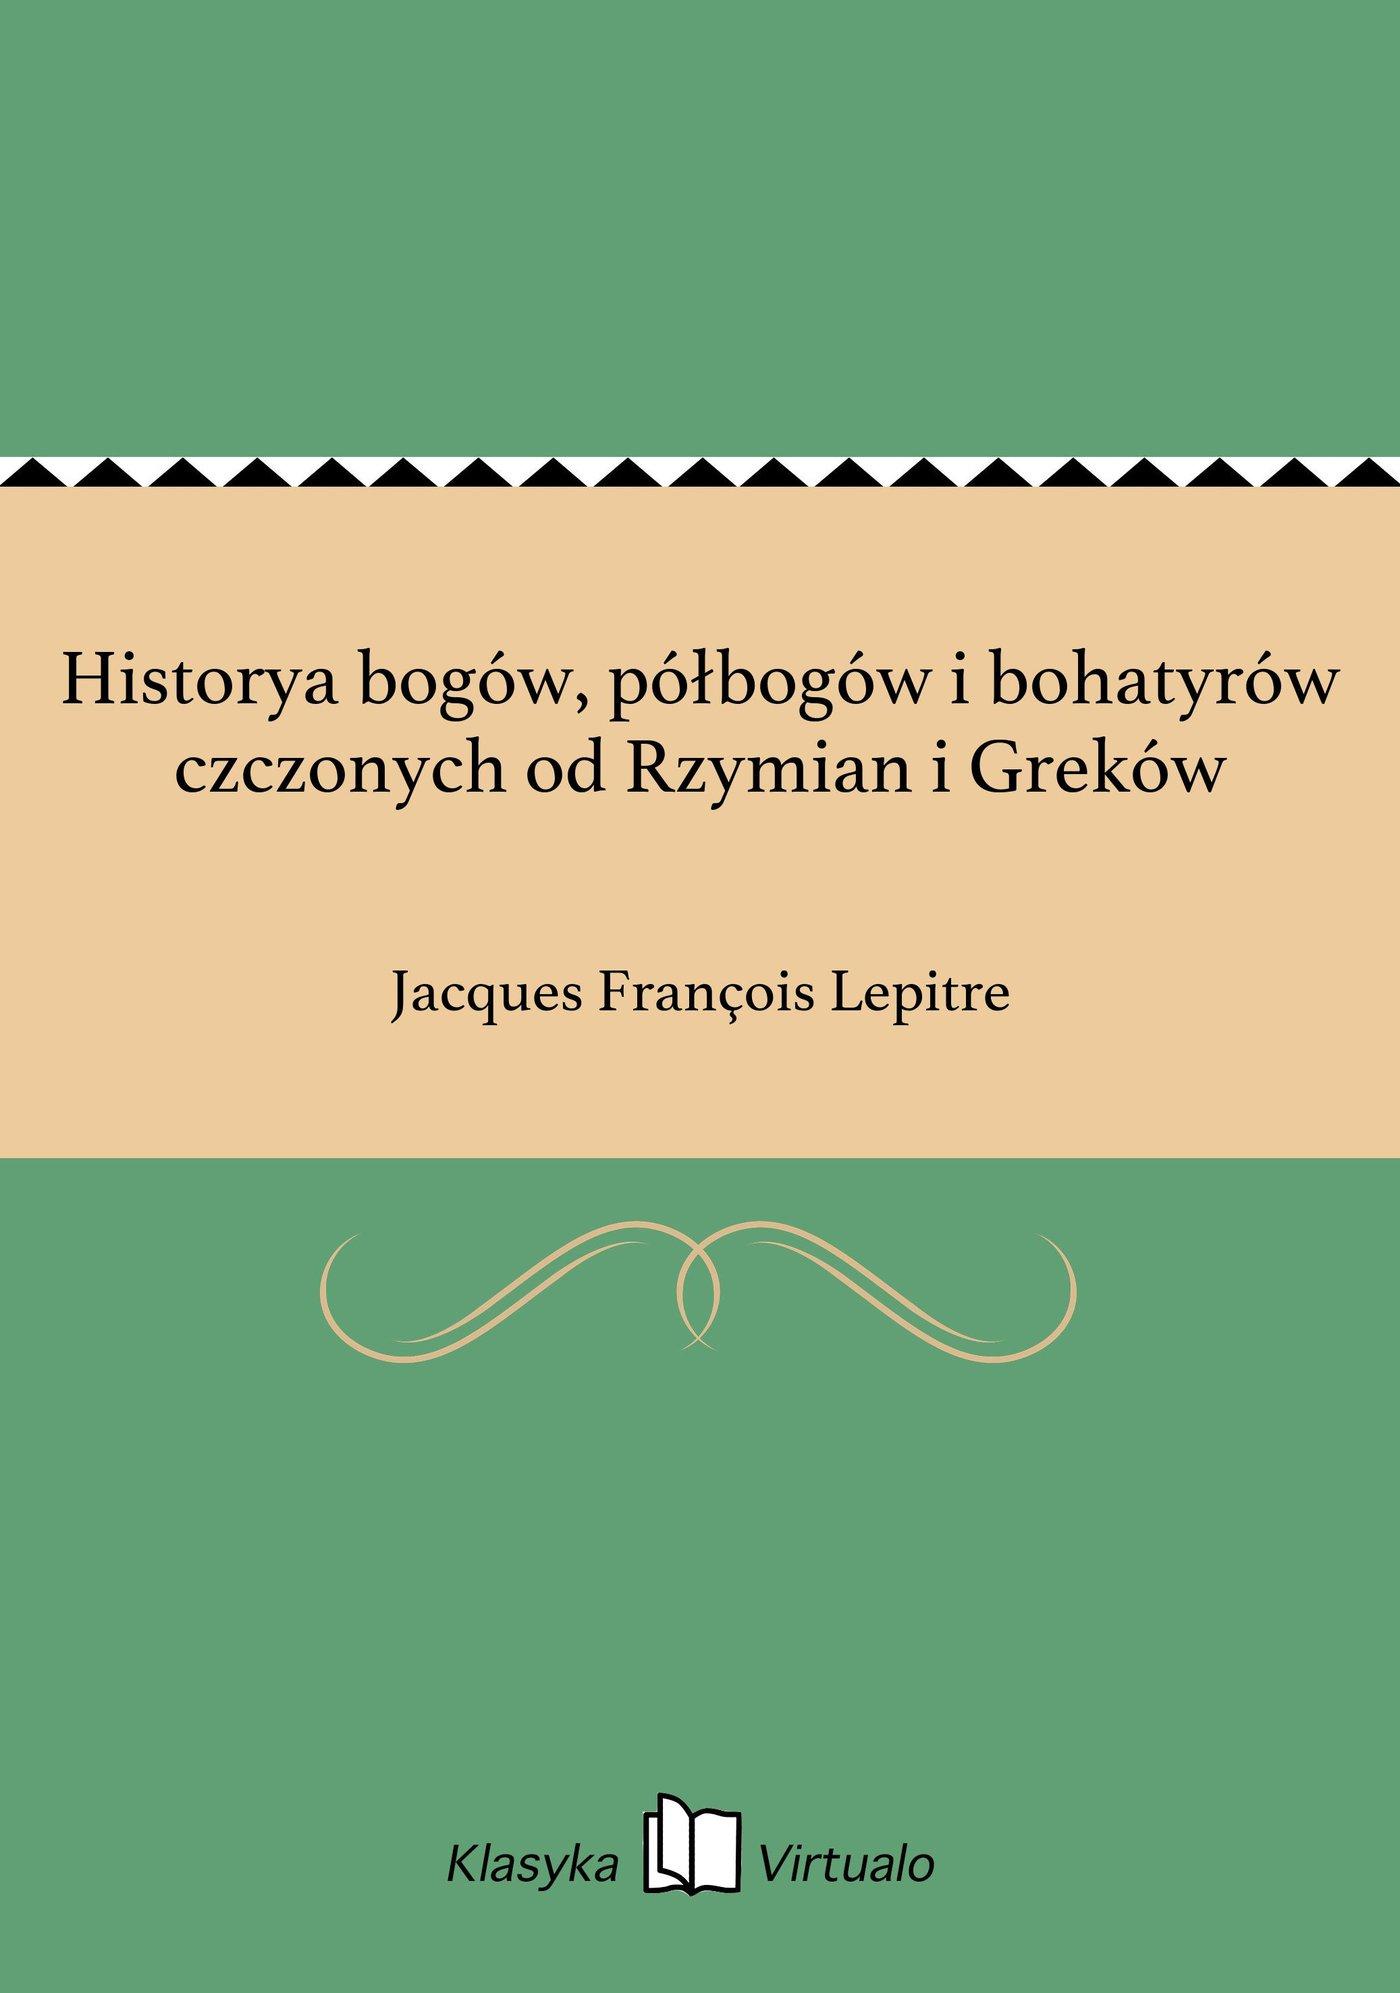 Historya bogów, półbogów i bohatyrów czczonych od Rzymian i Greków - Ebook (Książka EPUB) do pobrania w formacie EPUB